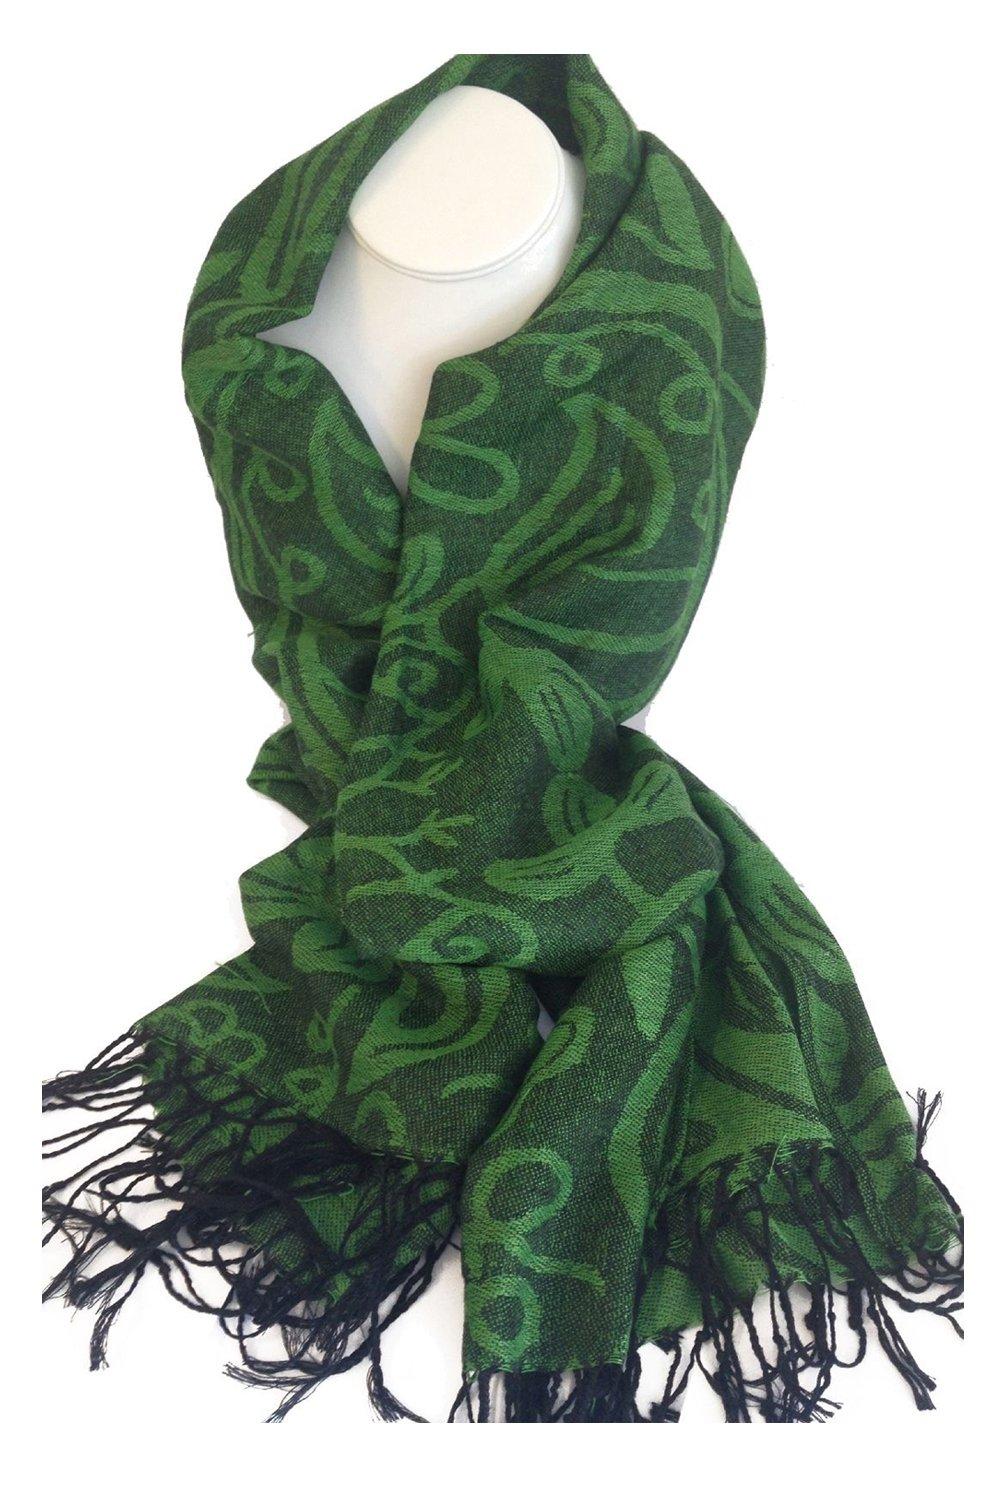 Irish Shamrock Green/Black Pashmina Scarf #148